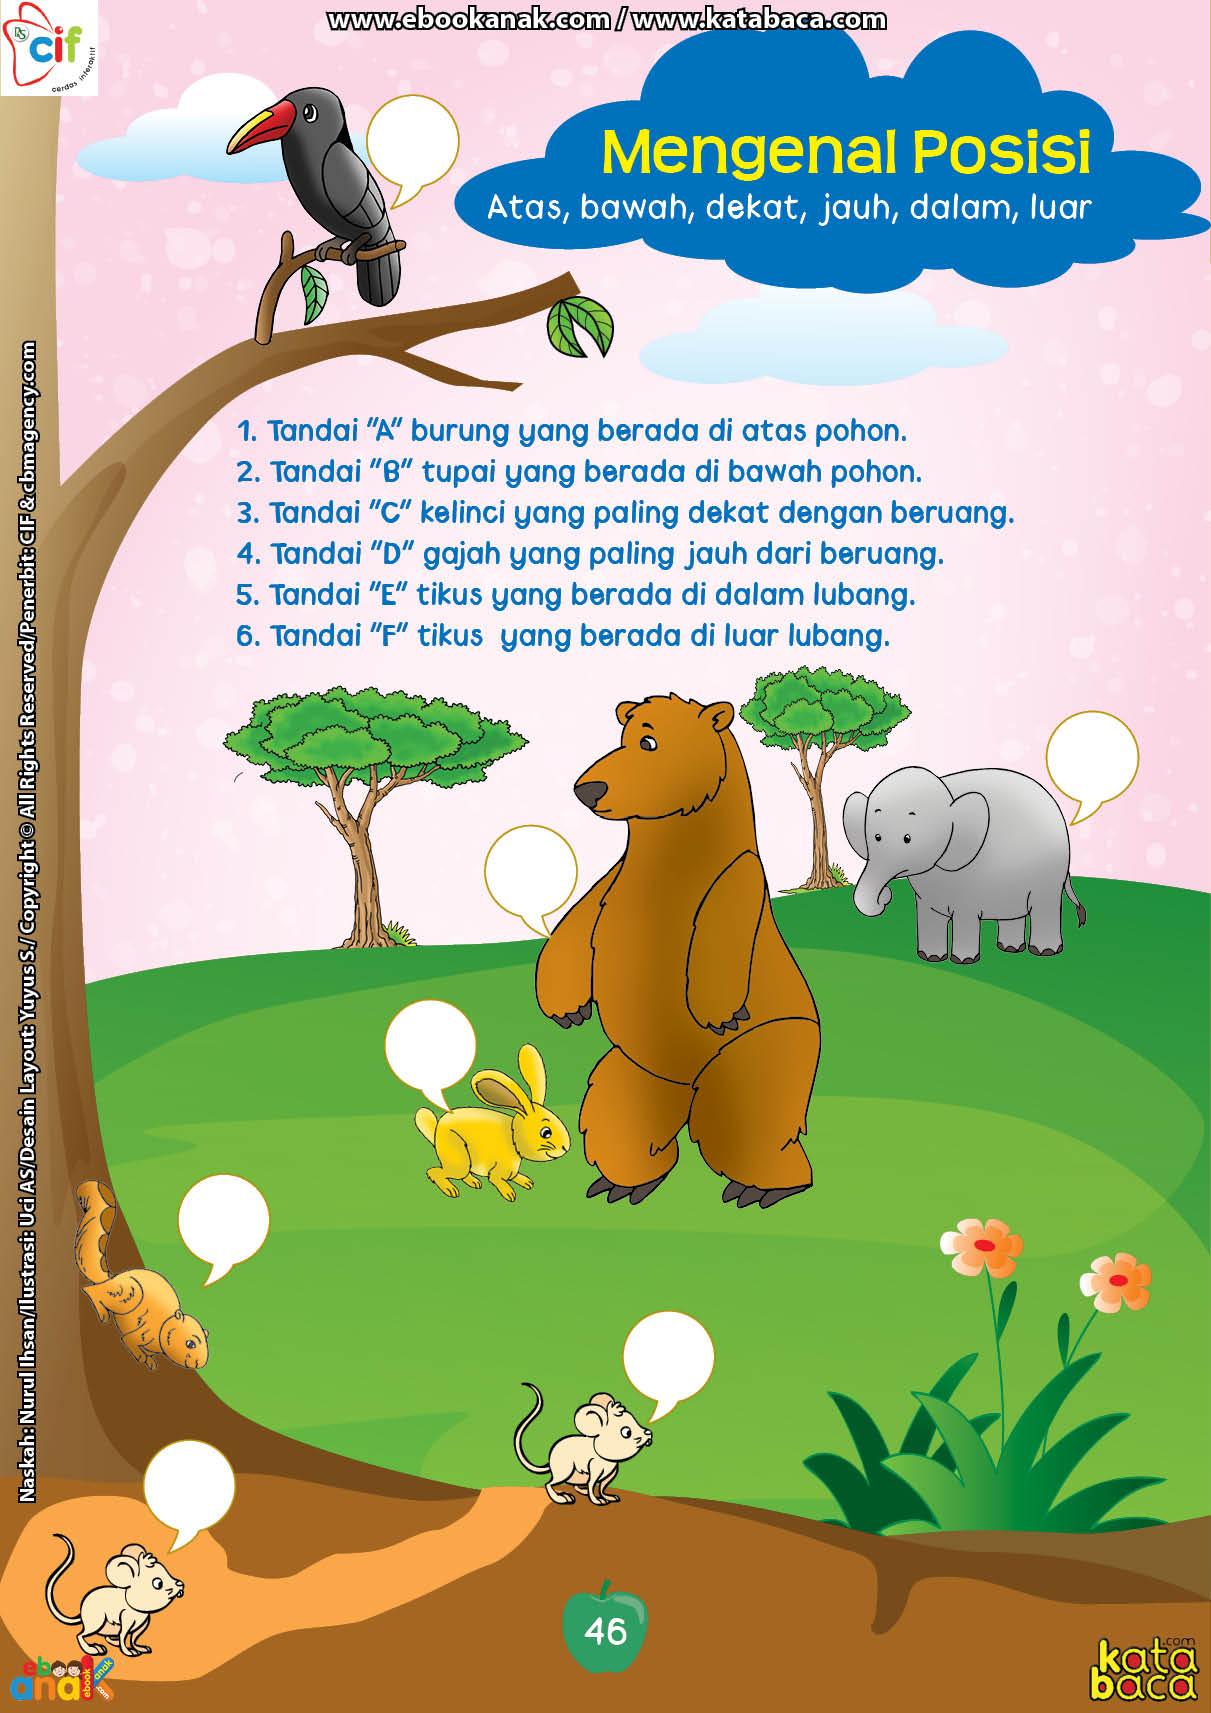 baca buku online brain games calistung46 Mengenal Posisi Atas, Bawah, Dekat, Jauh, Dalam, Luar